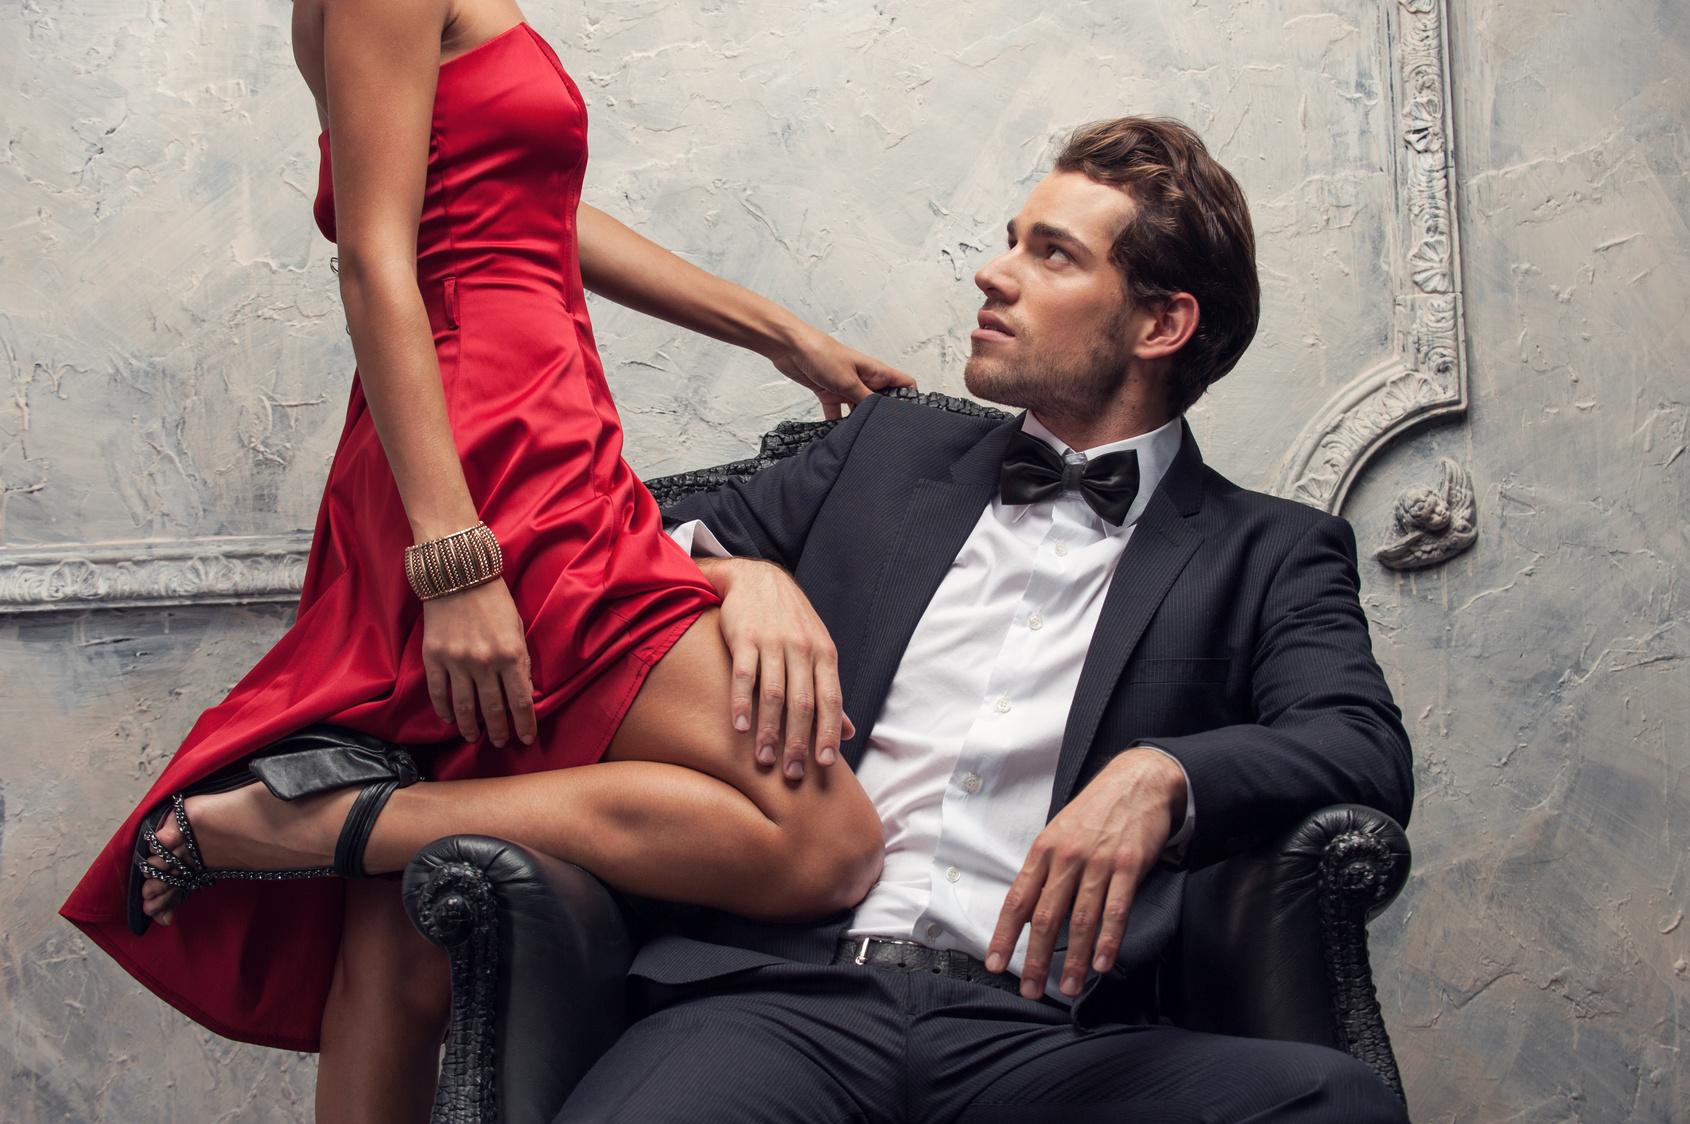 Смена ролей с женой, Что происходит, если женщина и мужчина меняются 18 фотография